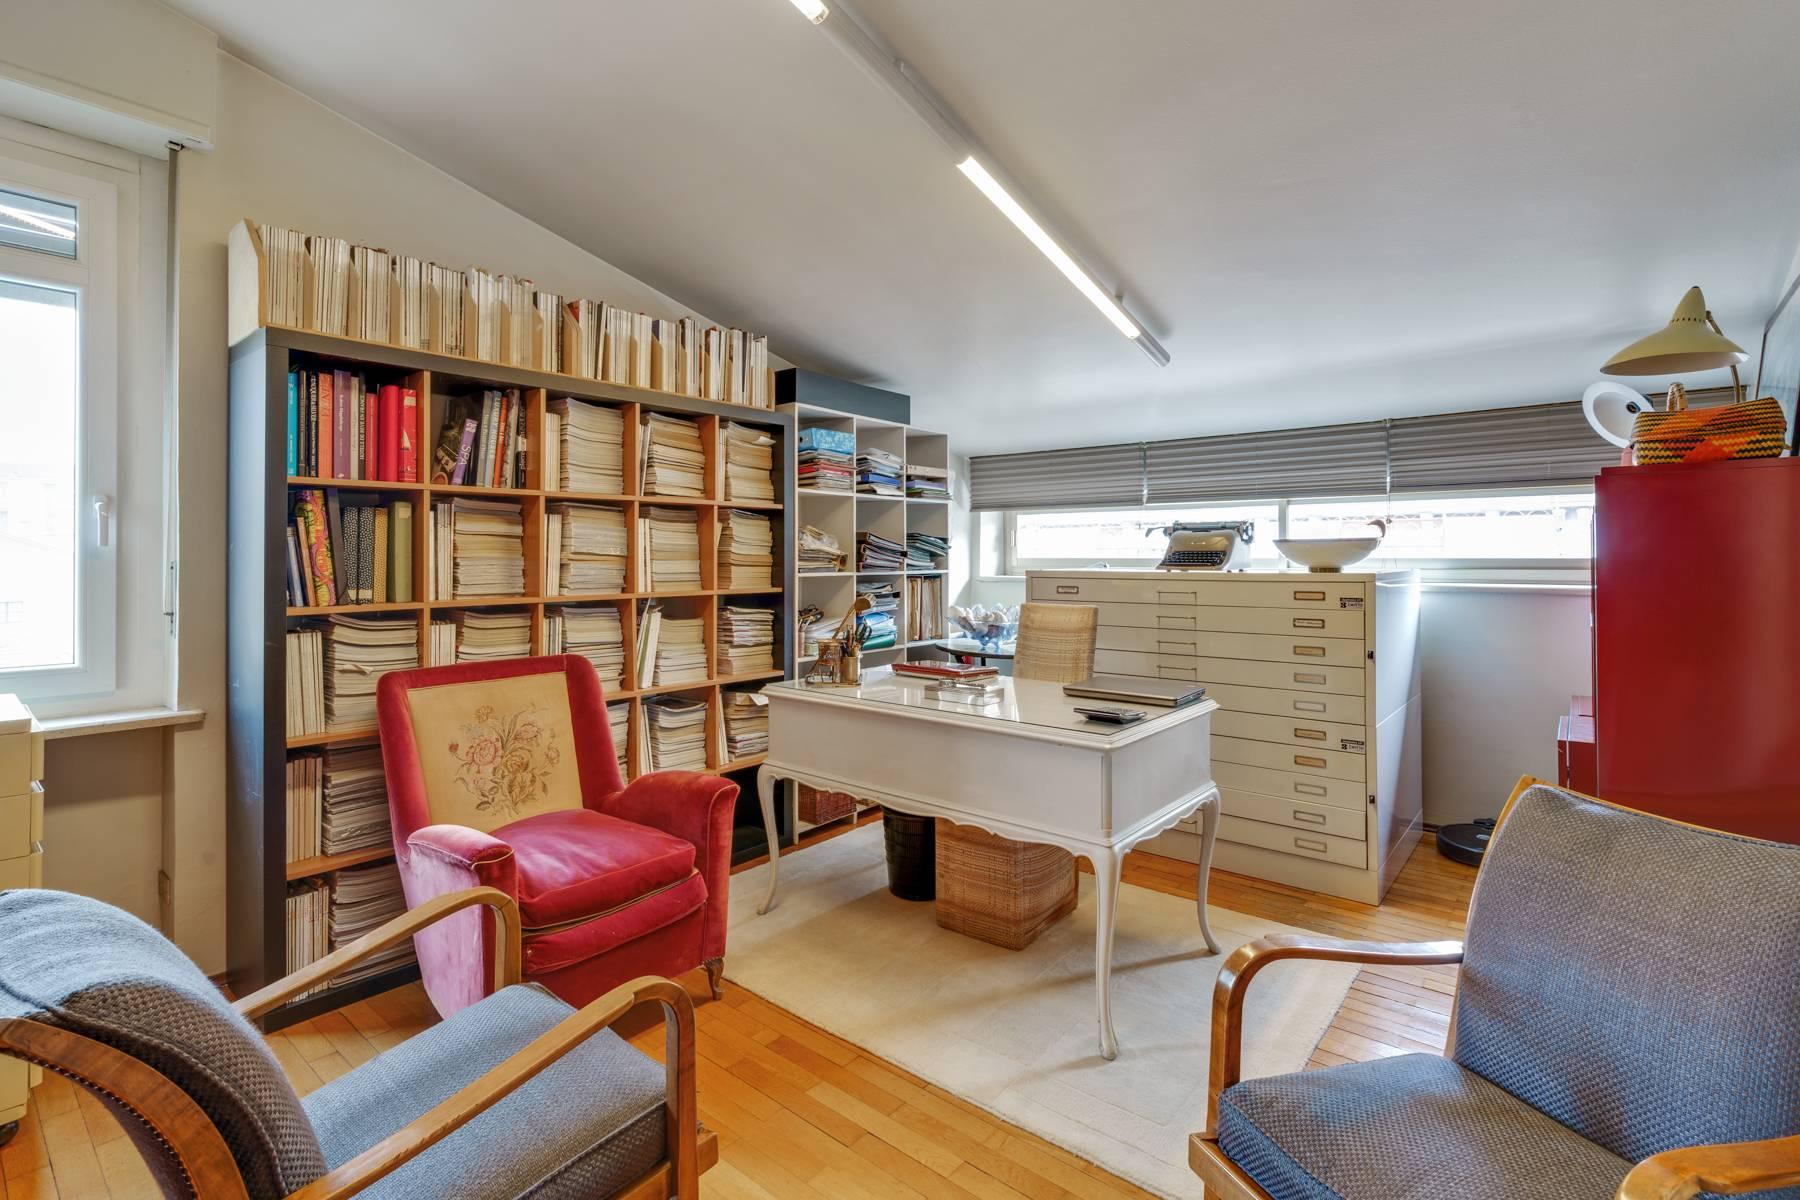 Appartamento in Vendita a Torino: 4 locali, 124 mq - Foto 15